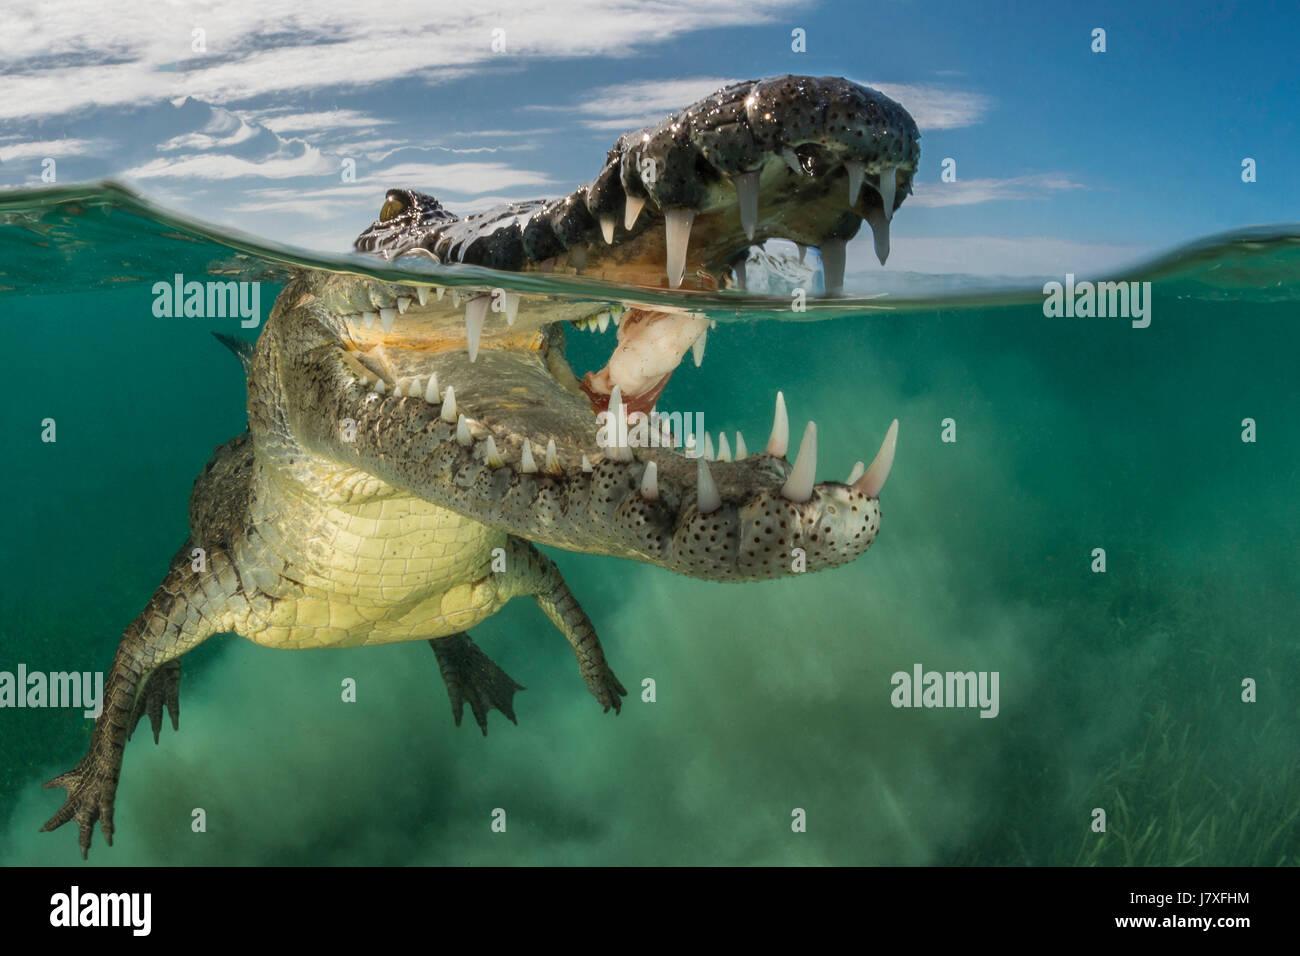 American Crocodile, Crocodylus acutus, Jardines de la Reina, Cuba - Stock Image